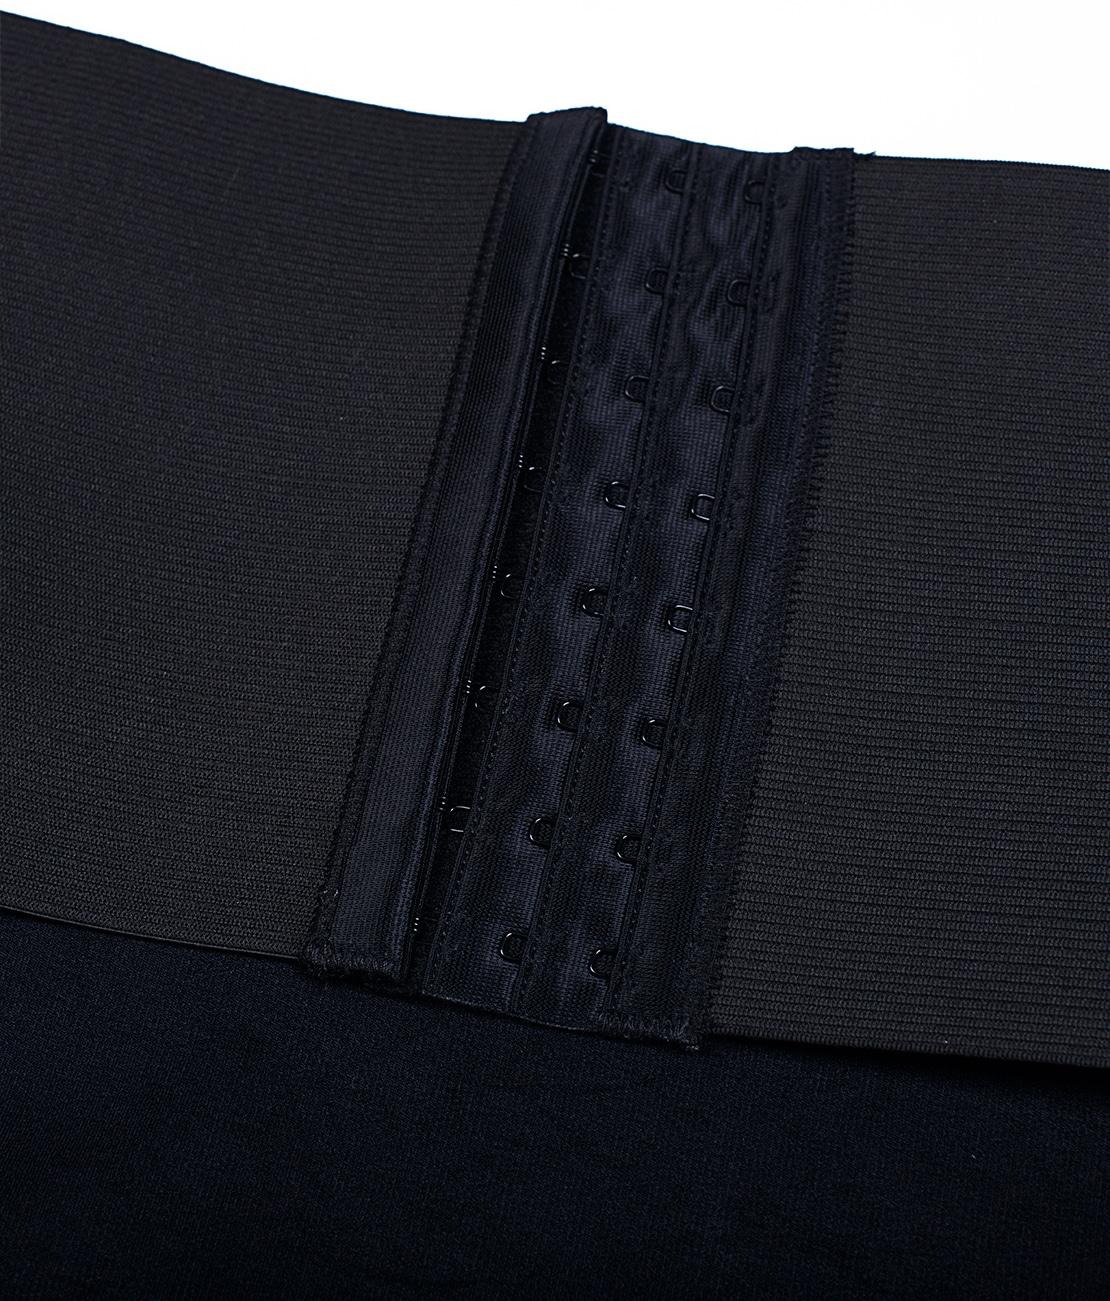 String Sculptant Noir Detail 1